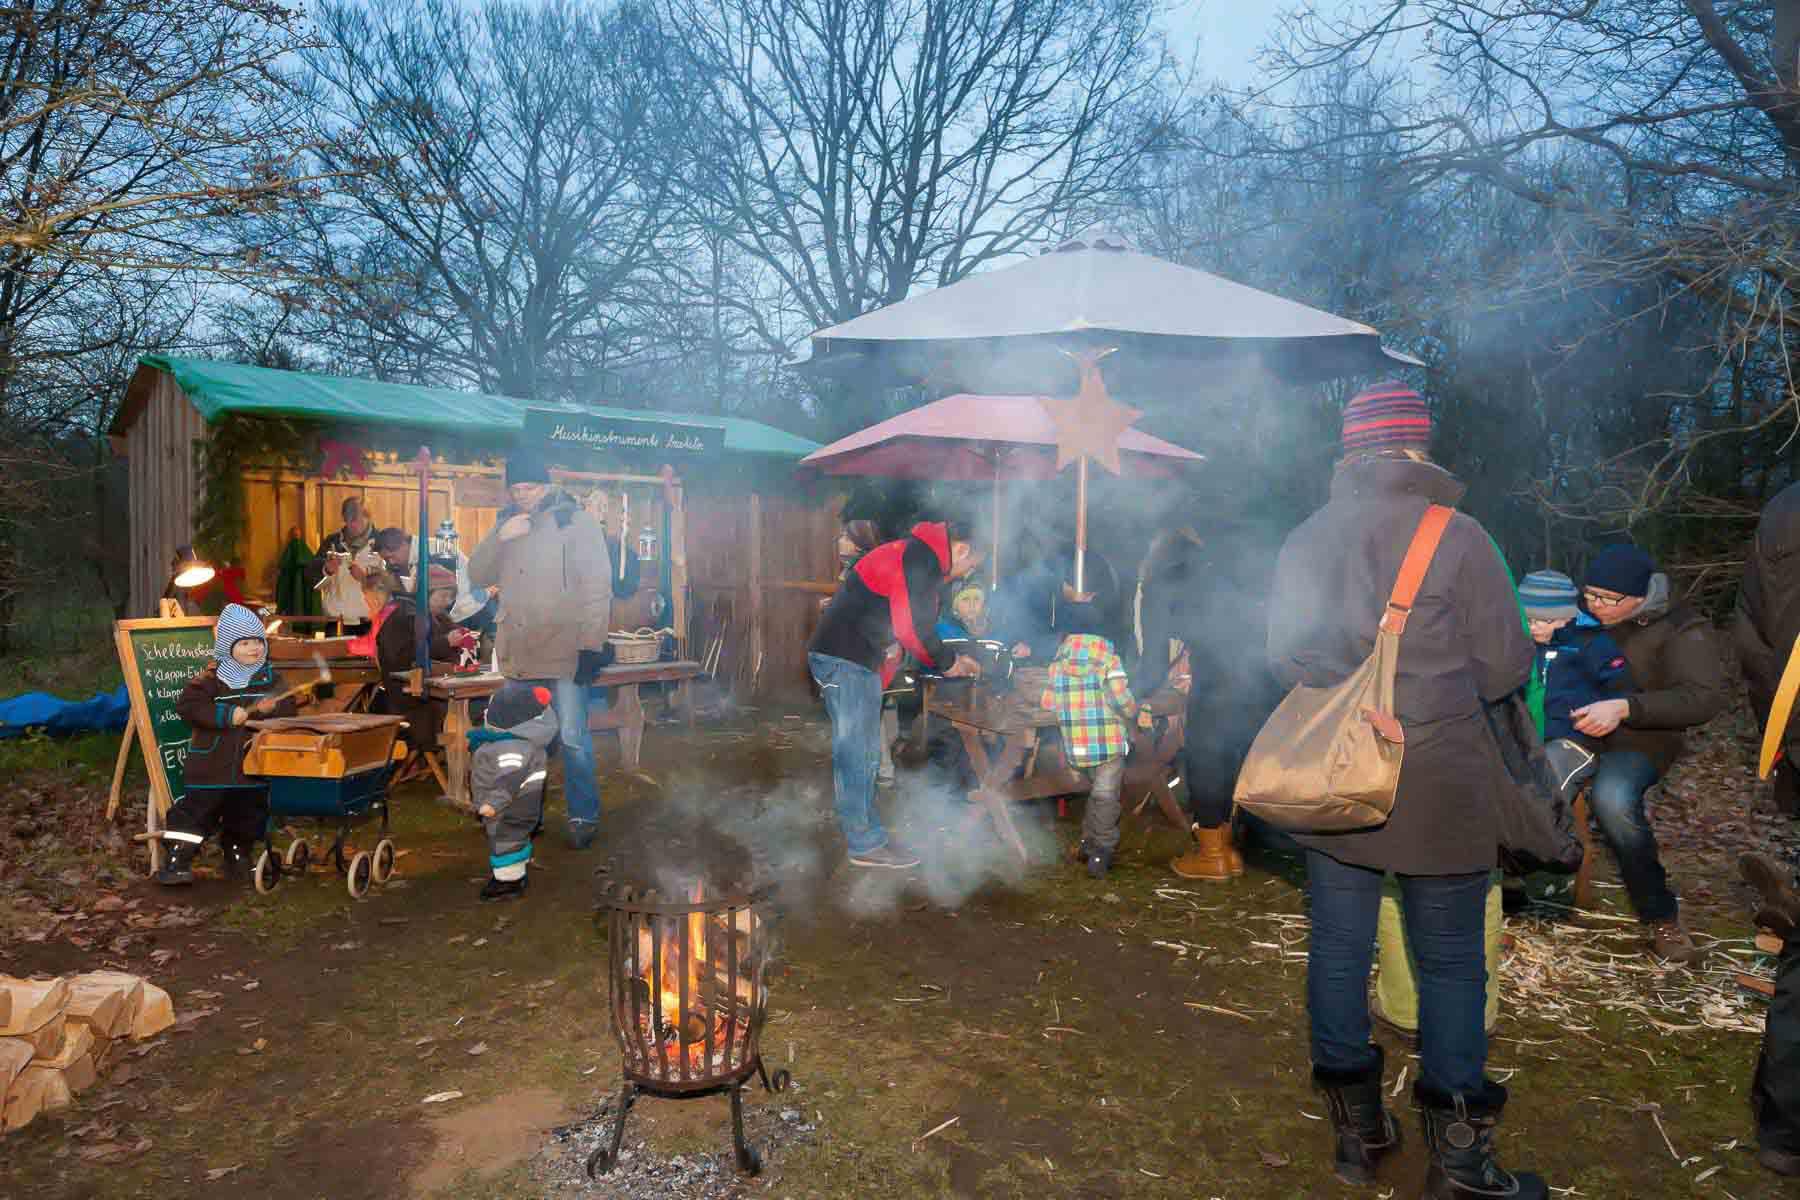 Die 18. Waldweihnacht im Erlebniswald Trappenkamp begeisterte Besucher aus dem ganzen Land. Die Veranstaltung blieb vom Sturm verschont